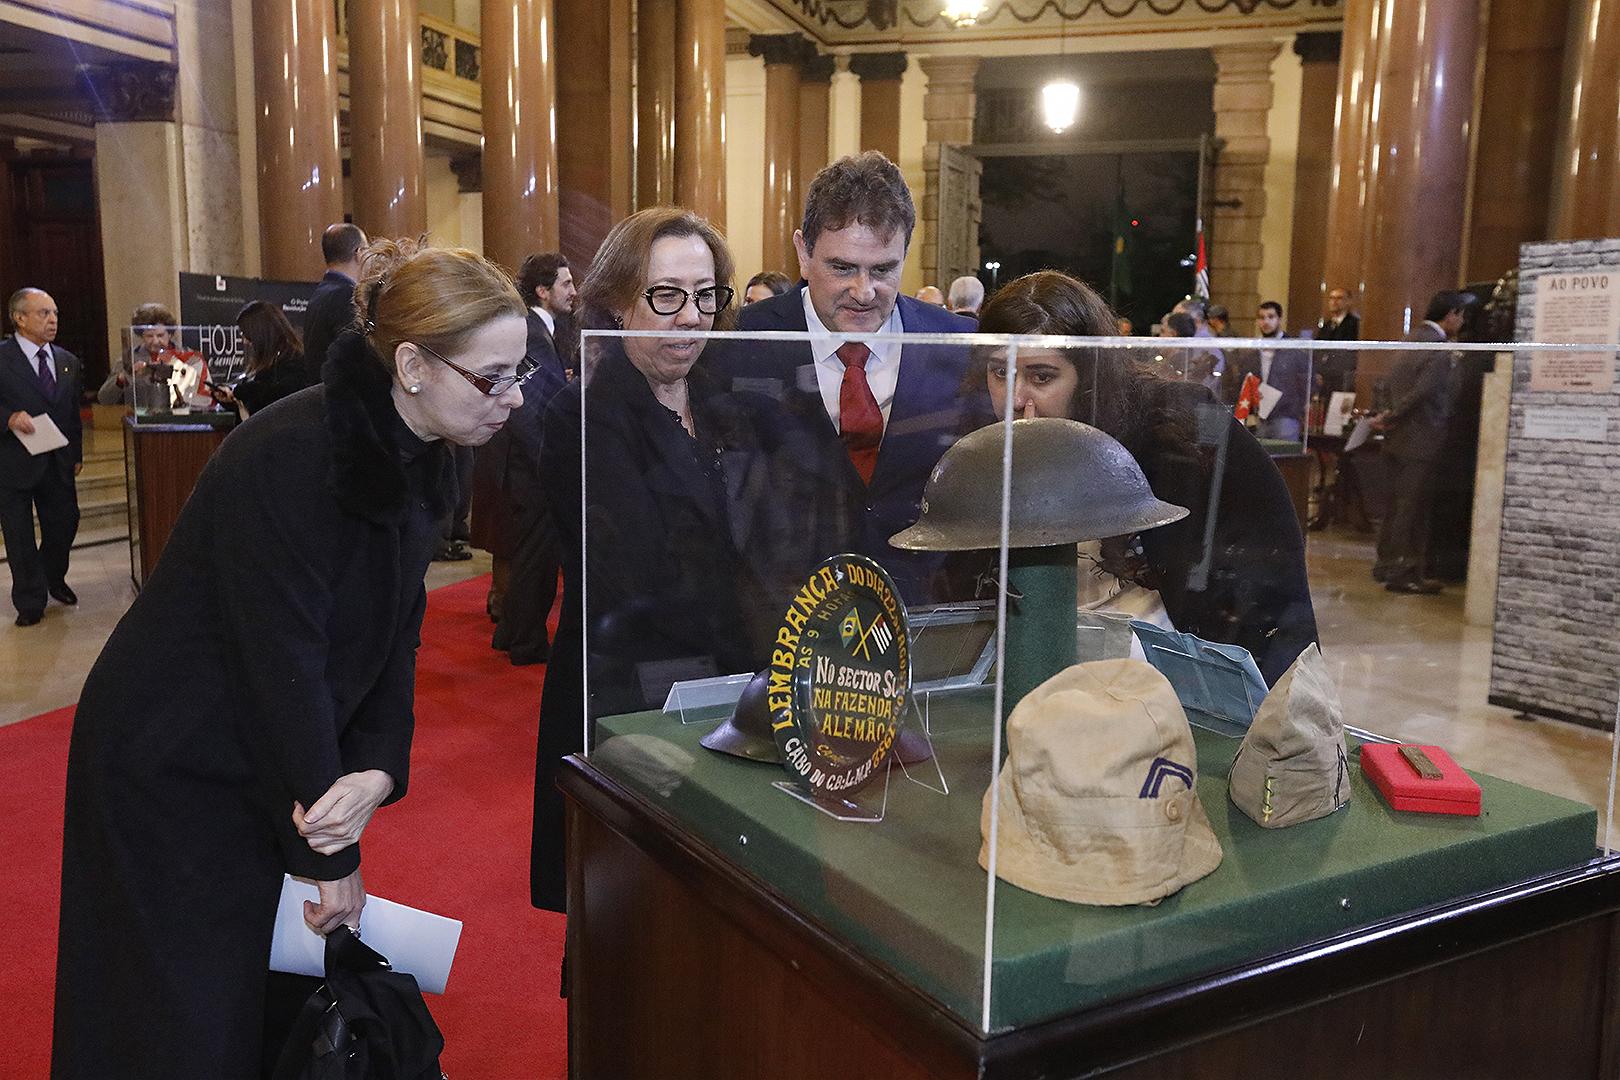 Exposição no Palácio da Justiça marca o 86º aniversário da Revolução Constitucionalista de 1932